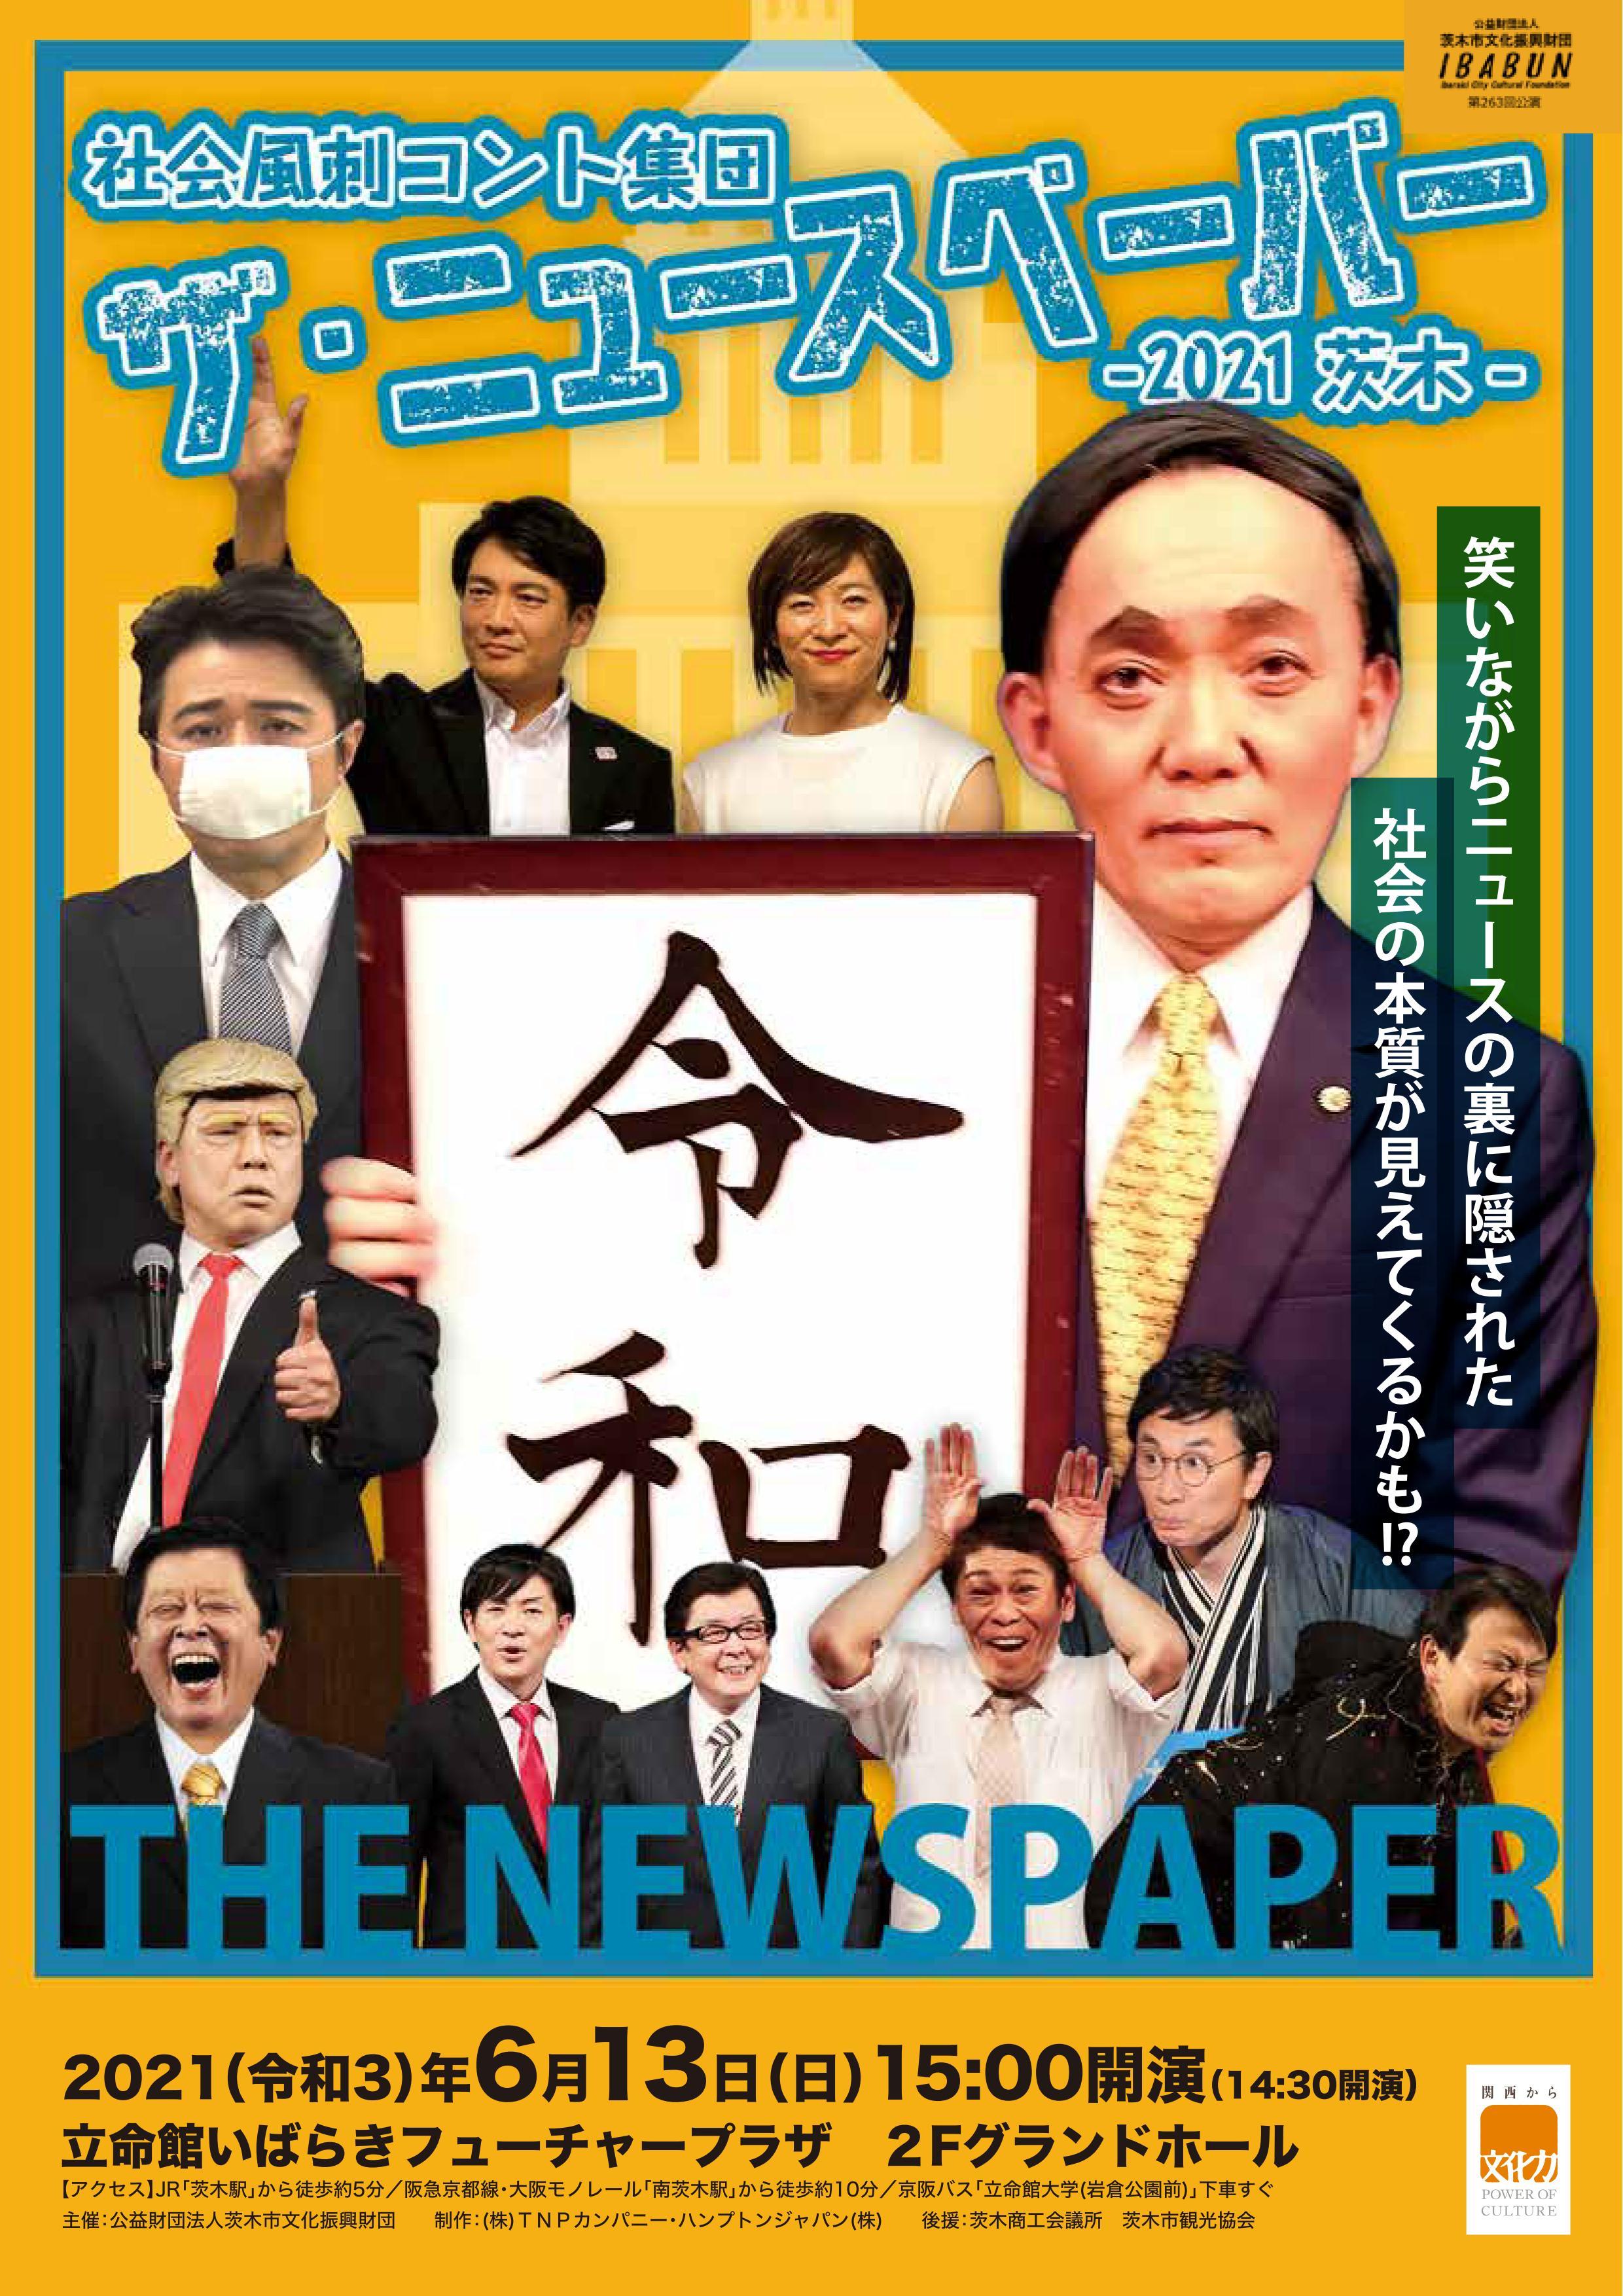 社会風刺コント集団 ザ・ニュースペーパー―2021茨木―